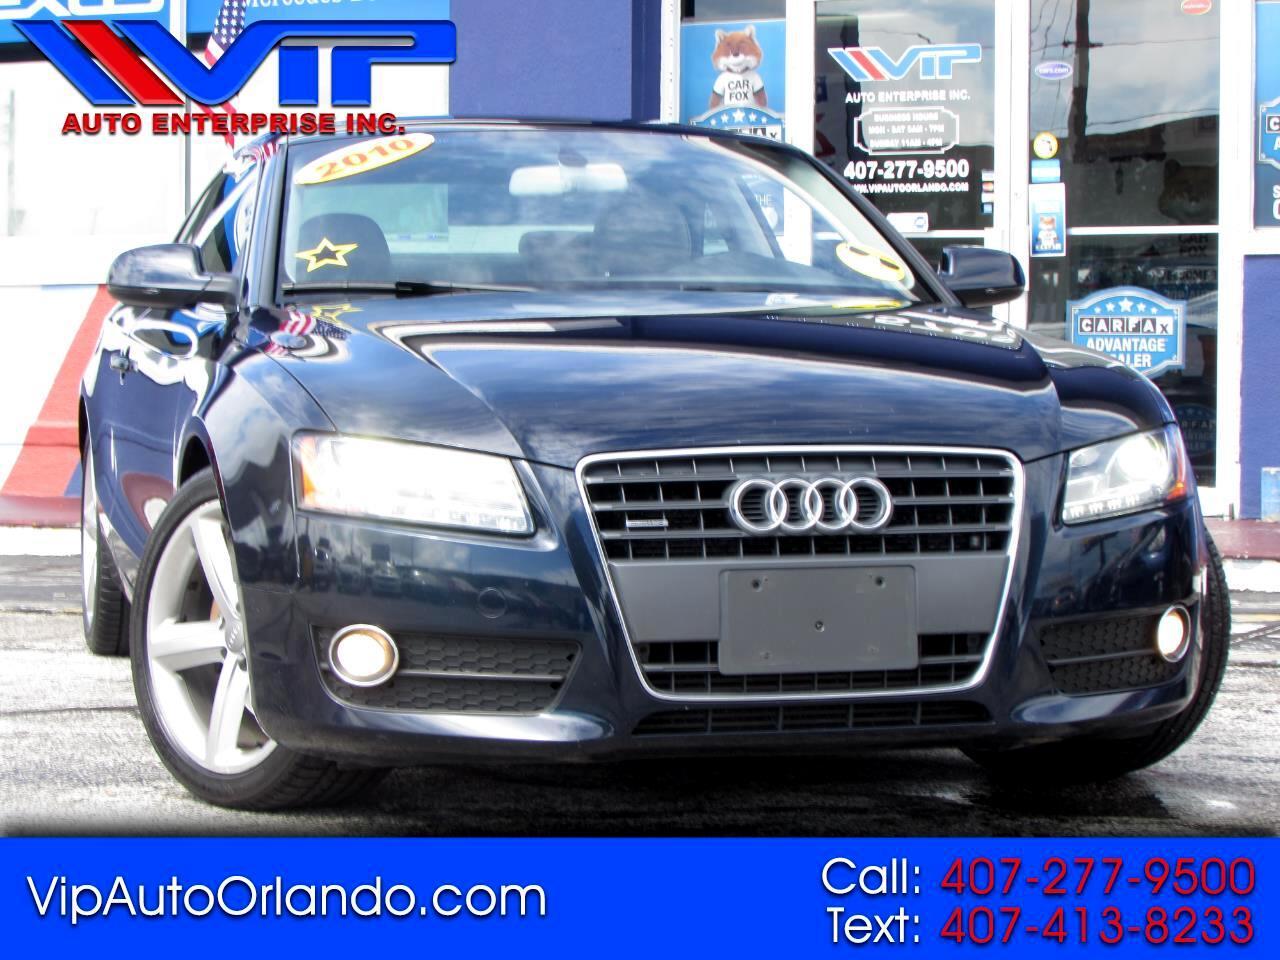 Audi A5 2dr Cpe Auto quattro 2.0L Premium Plus 2010